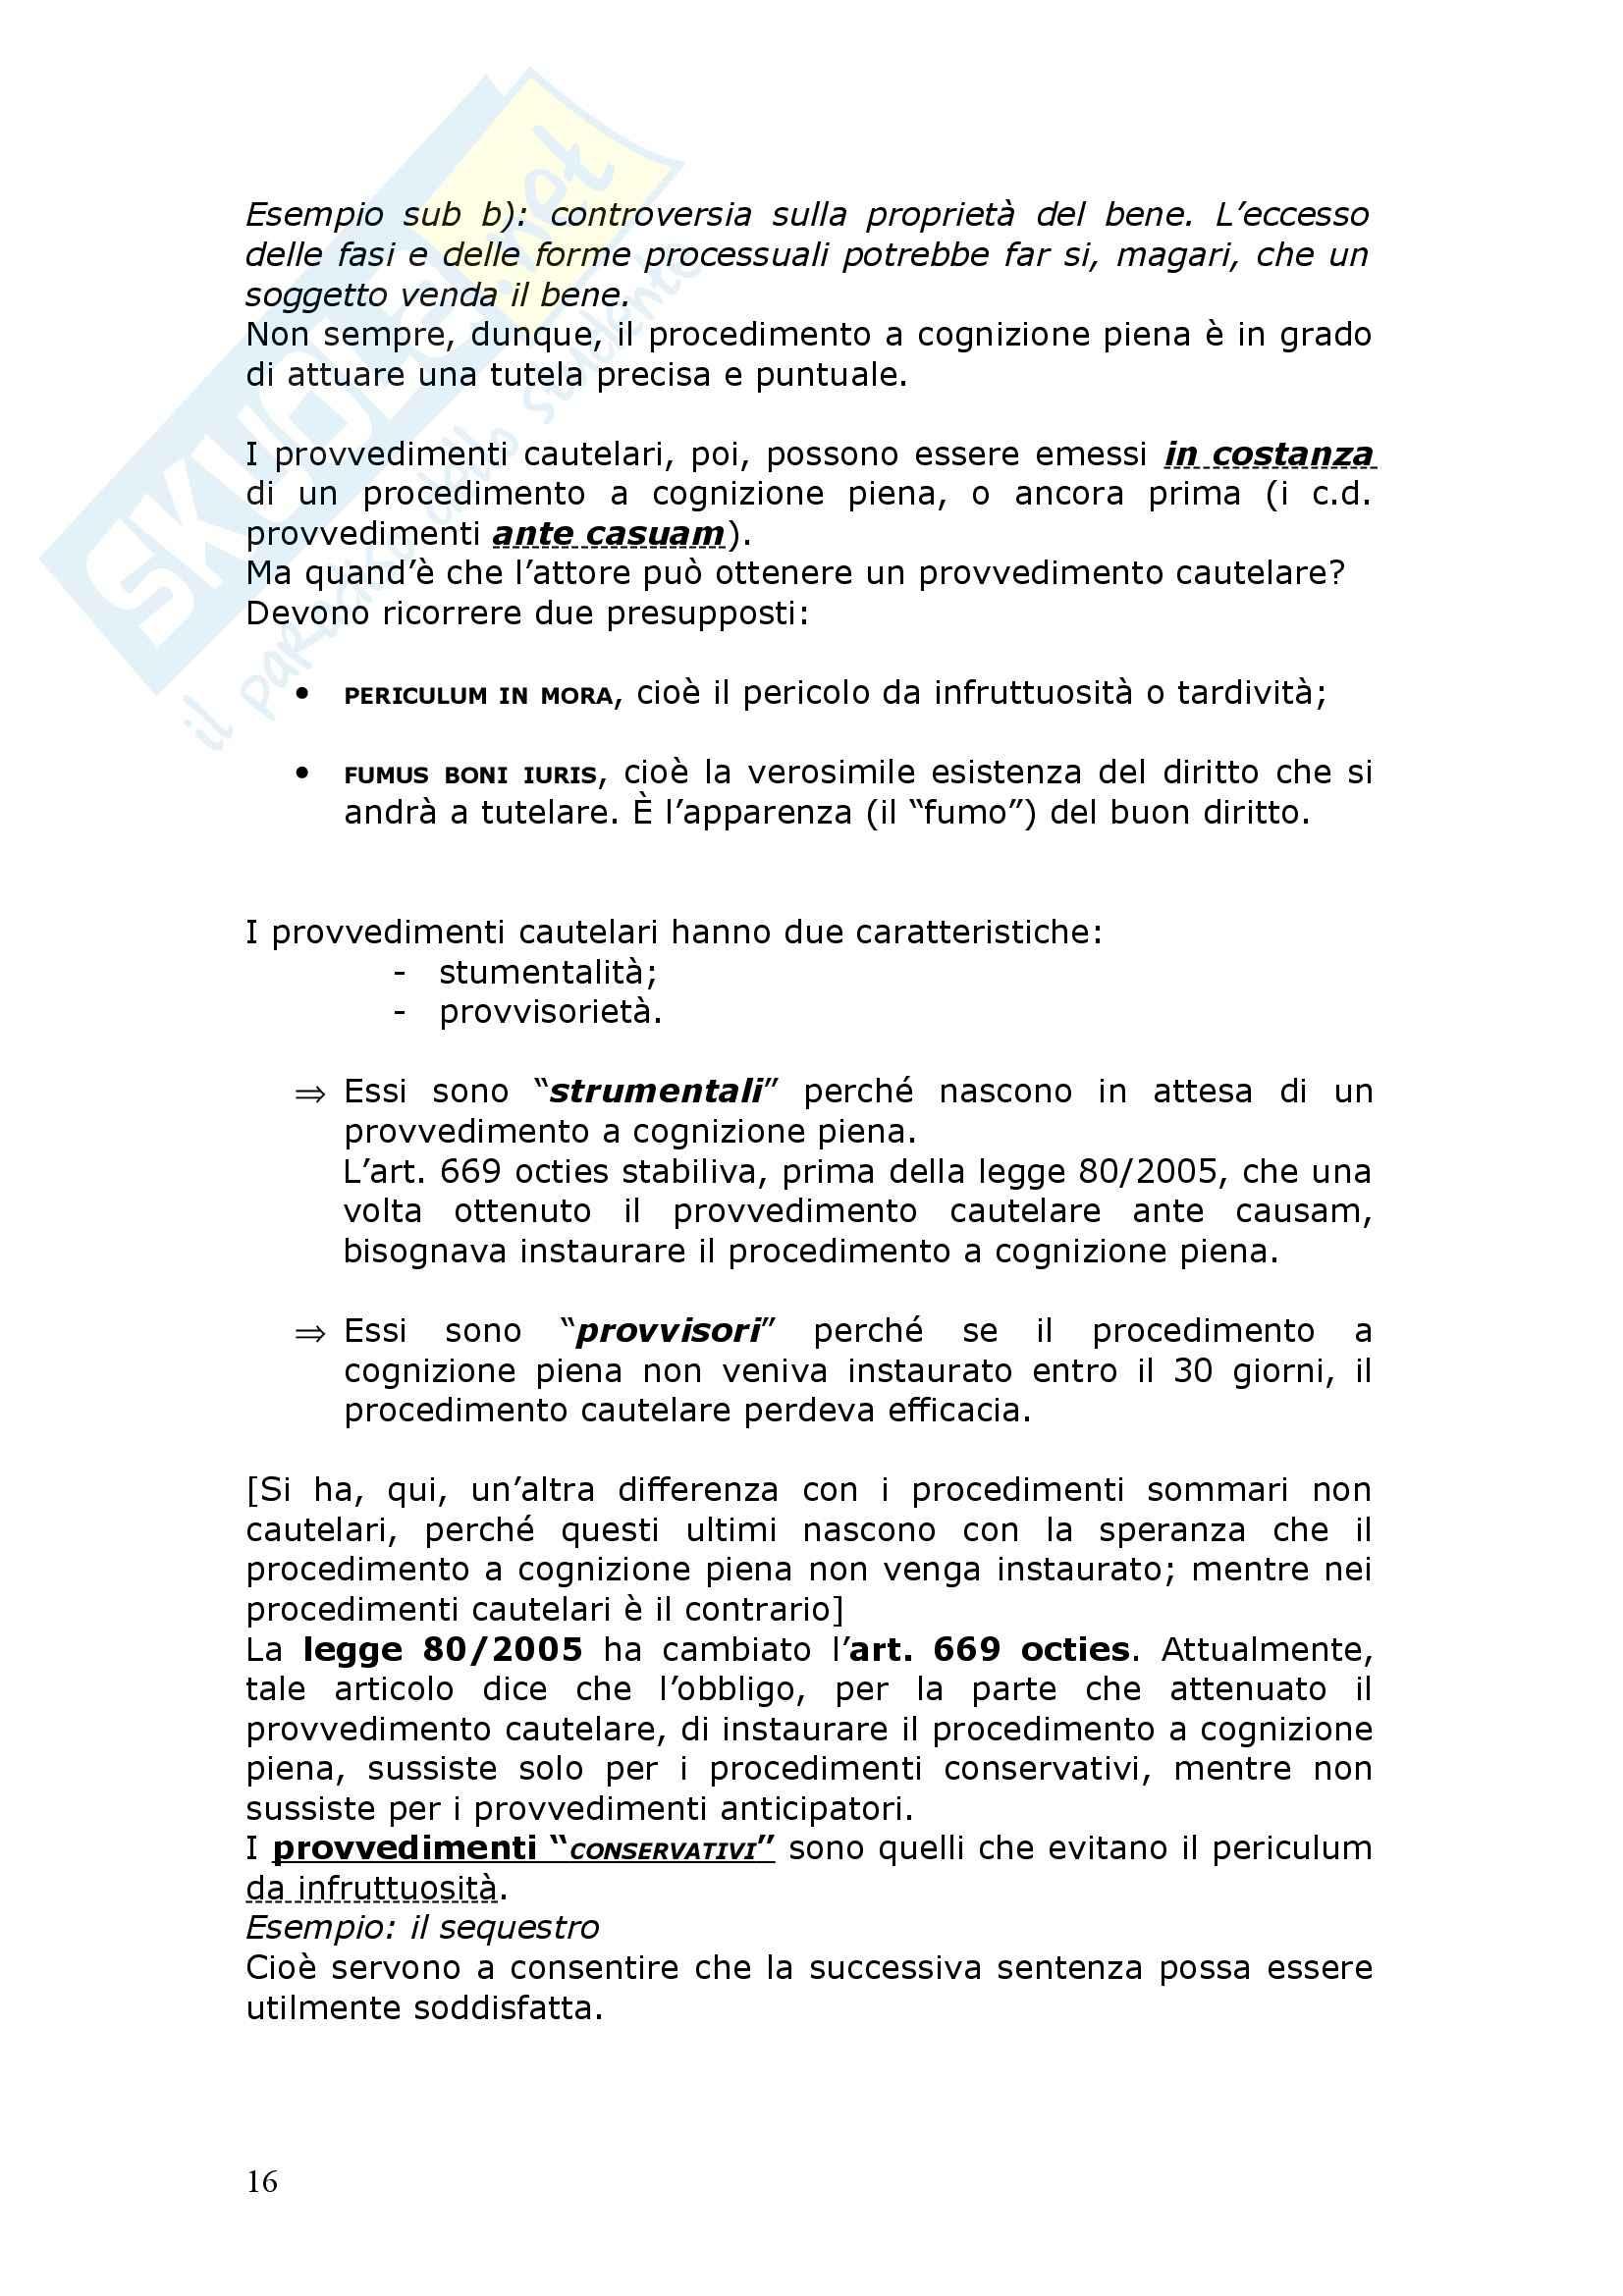 Diritto Processuale Civile - procedimenti speciali - Appunti Pag. 16